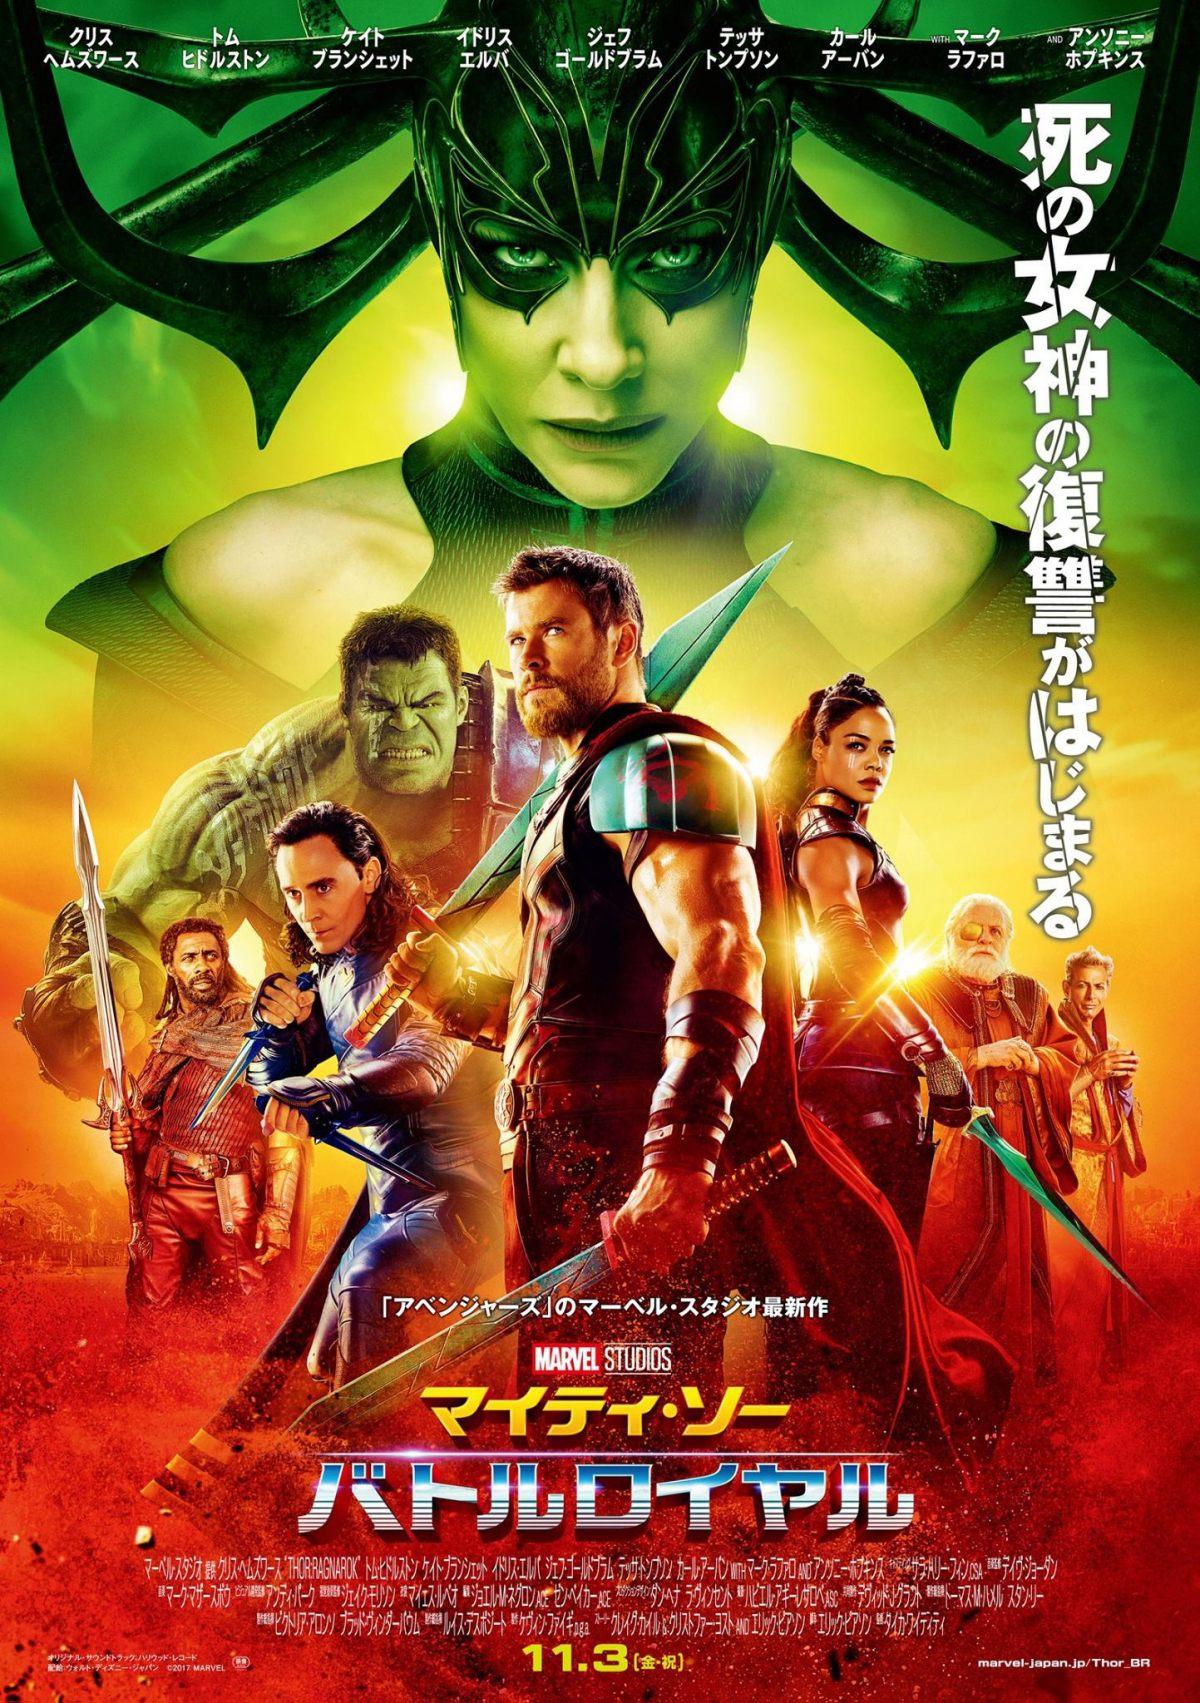 일본의 <토르: 라그나로크> 포스터. 제목이 <토르: 베틀로얄>이라고 표기되어 있다.